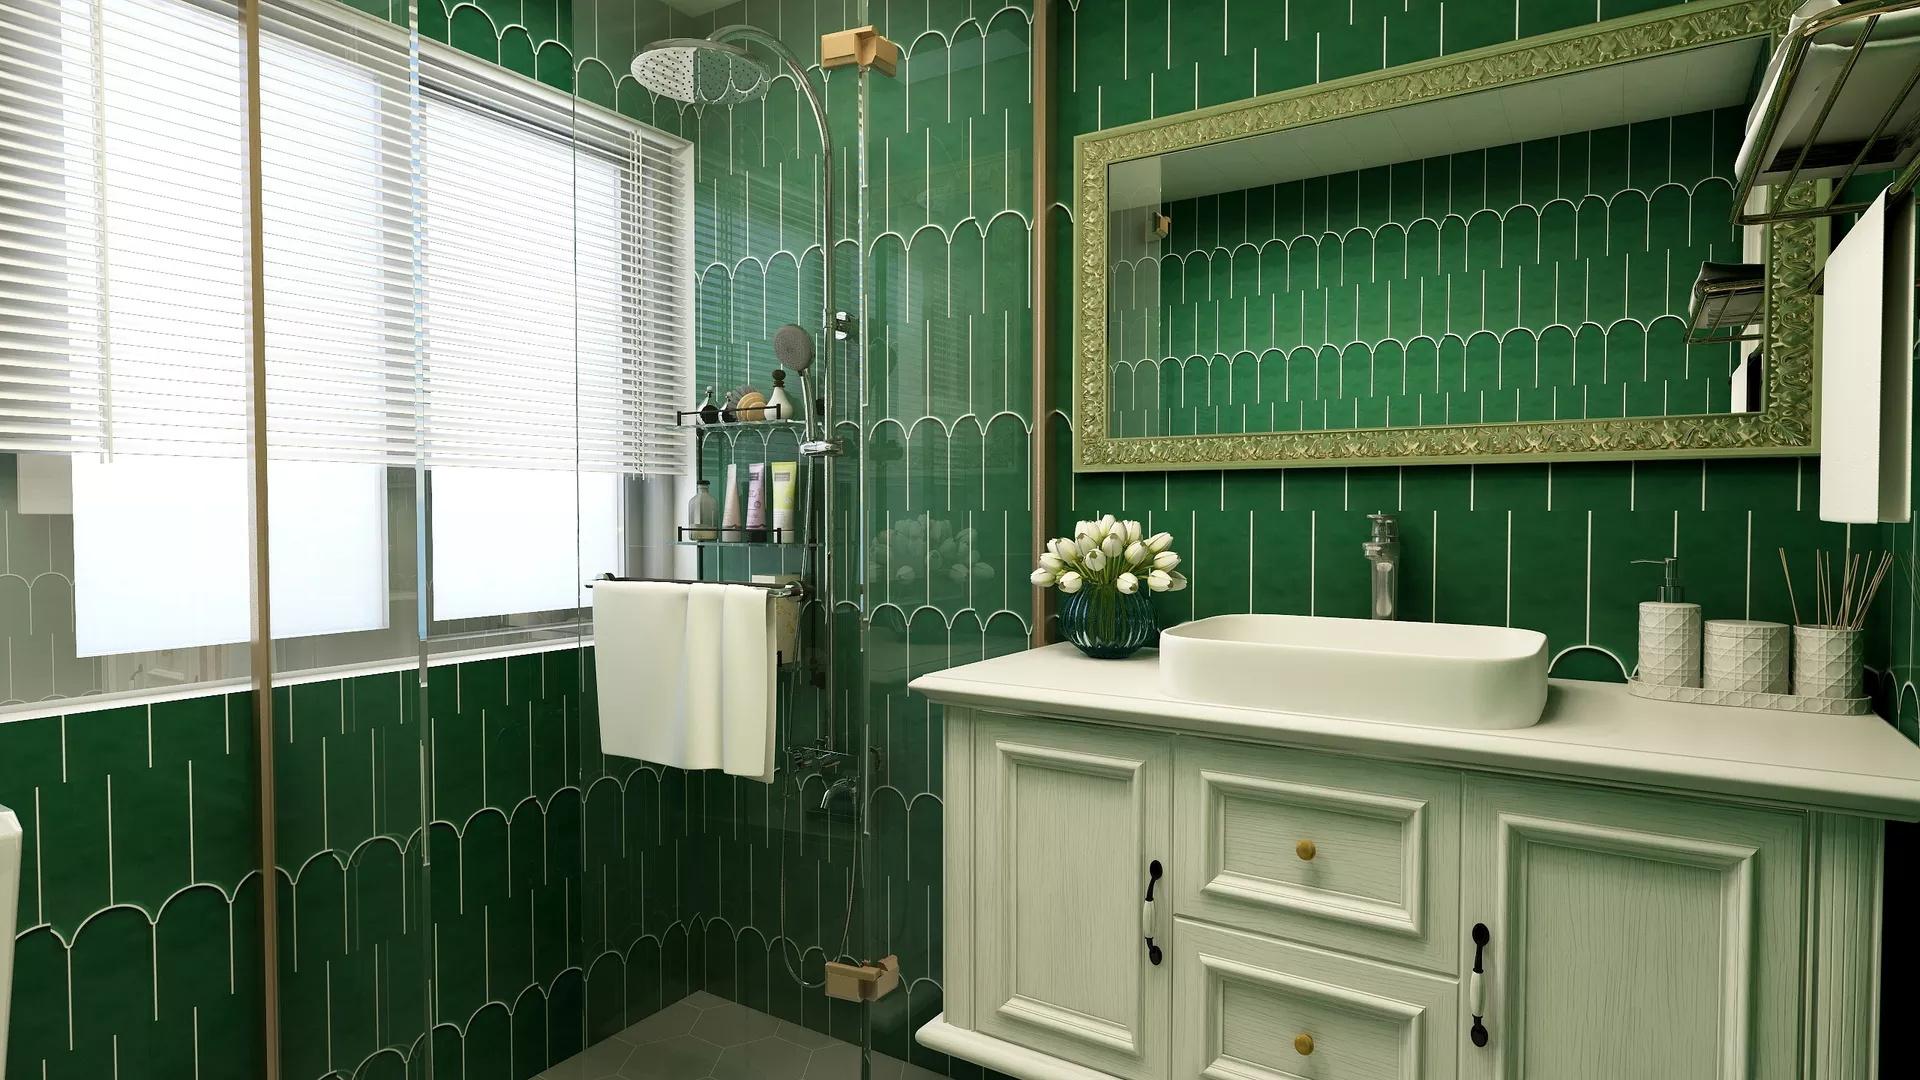 浴室玻璃门为什么会自爆?如何预防玻璃门自爆?